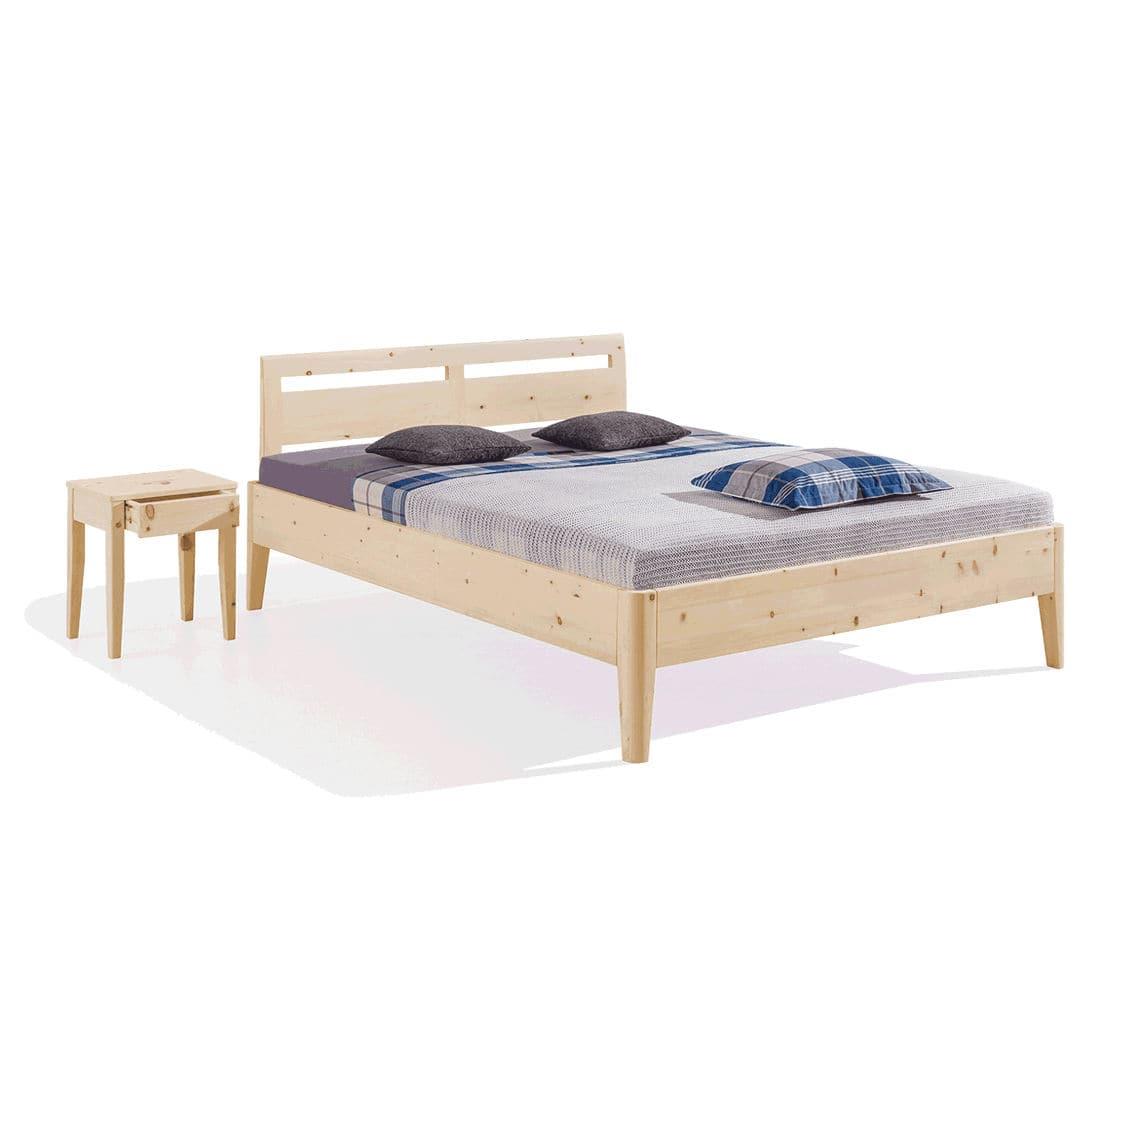 Full Size of Dormiente Bett Doppelbett Modern Kopfteil Holz Kalmera Gmbh Nussbaum 180x200 Mit Stauraum 160x200 Landhaus Hohe Betten Bette Badewannen Schramm überlänge Aus Bett Dormiente Bett